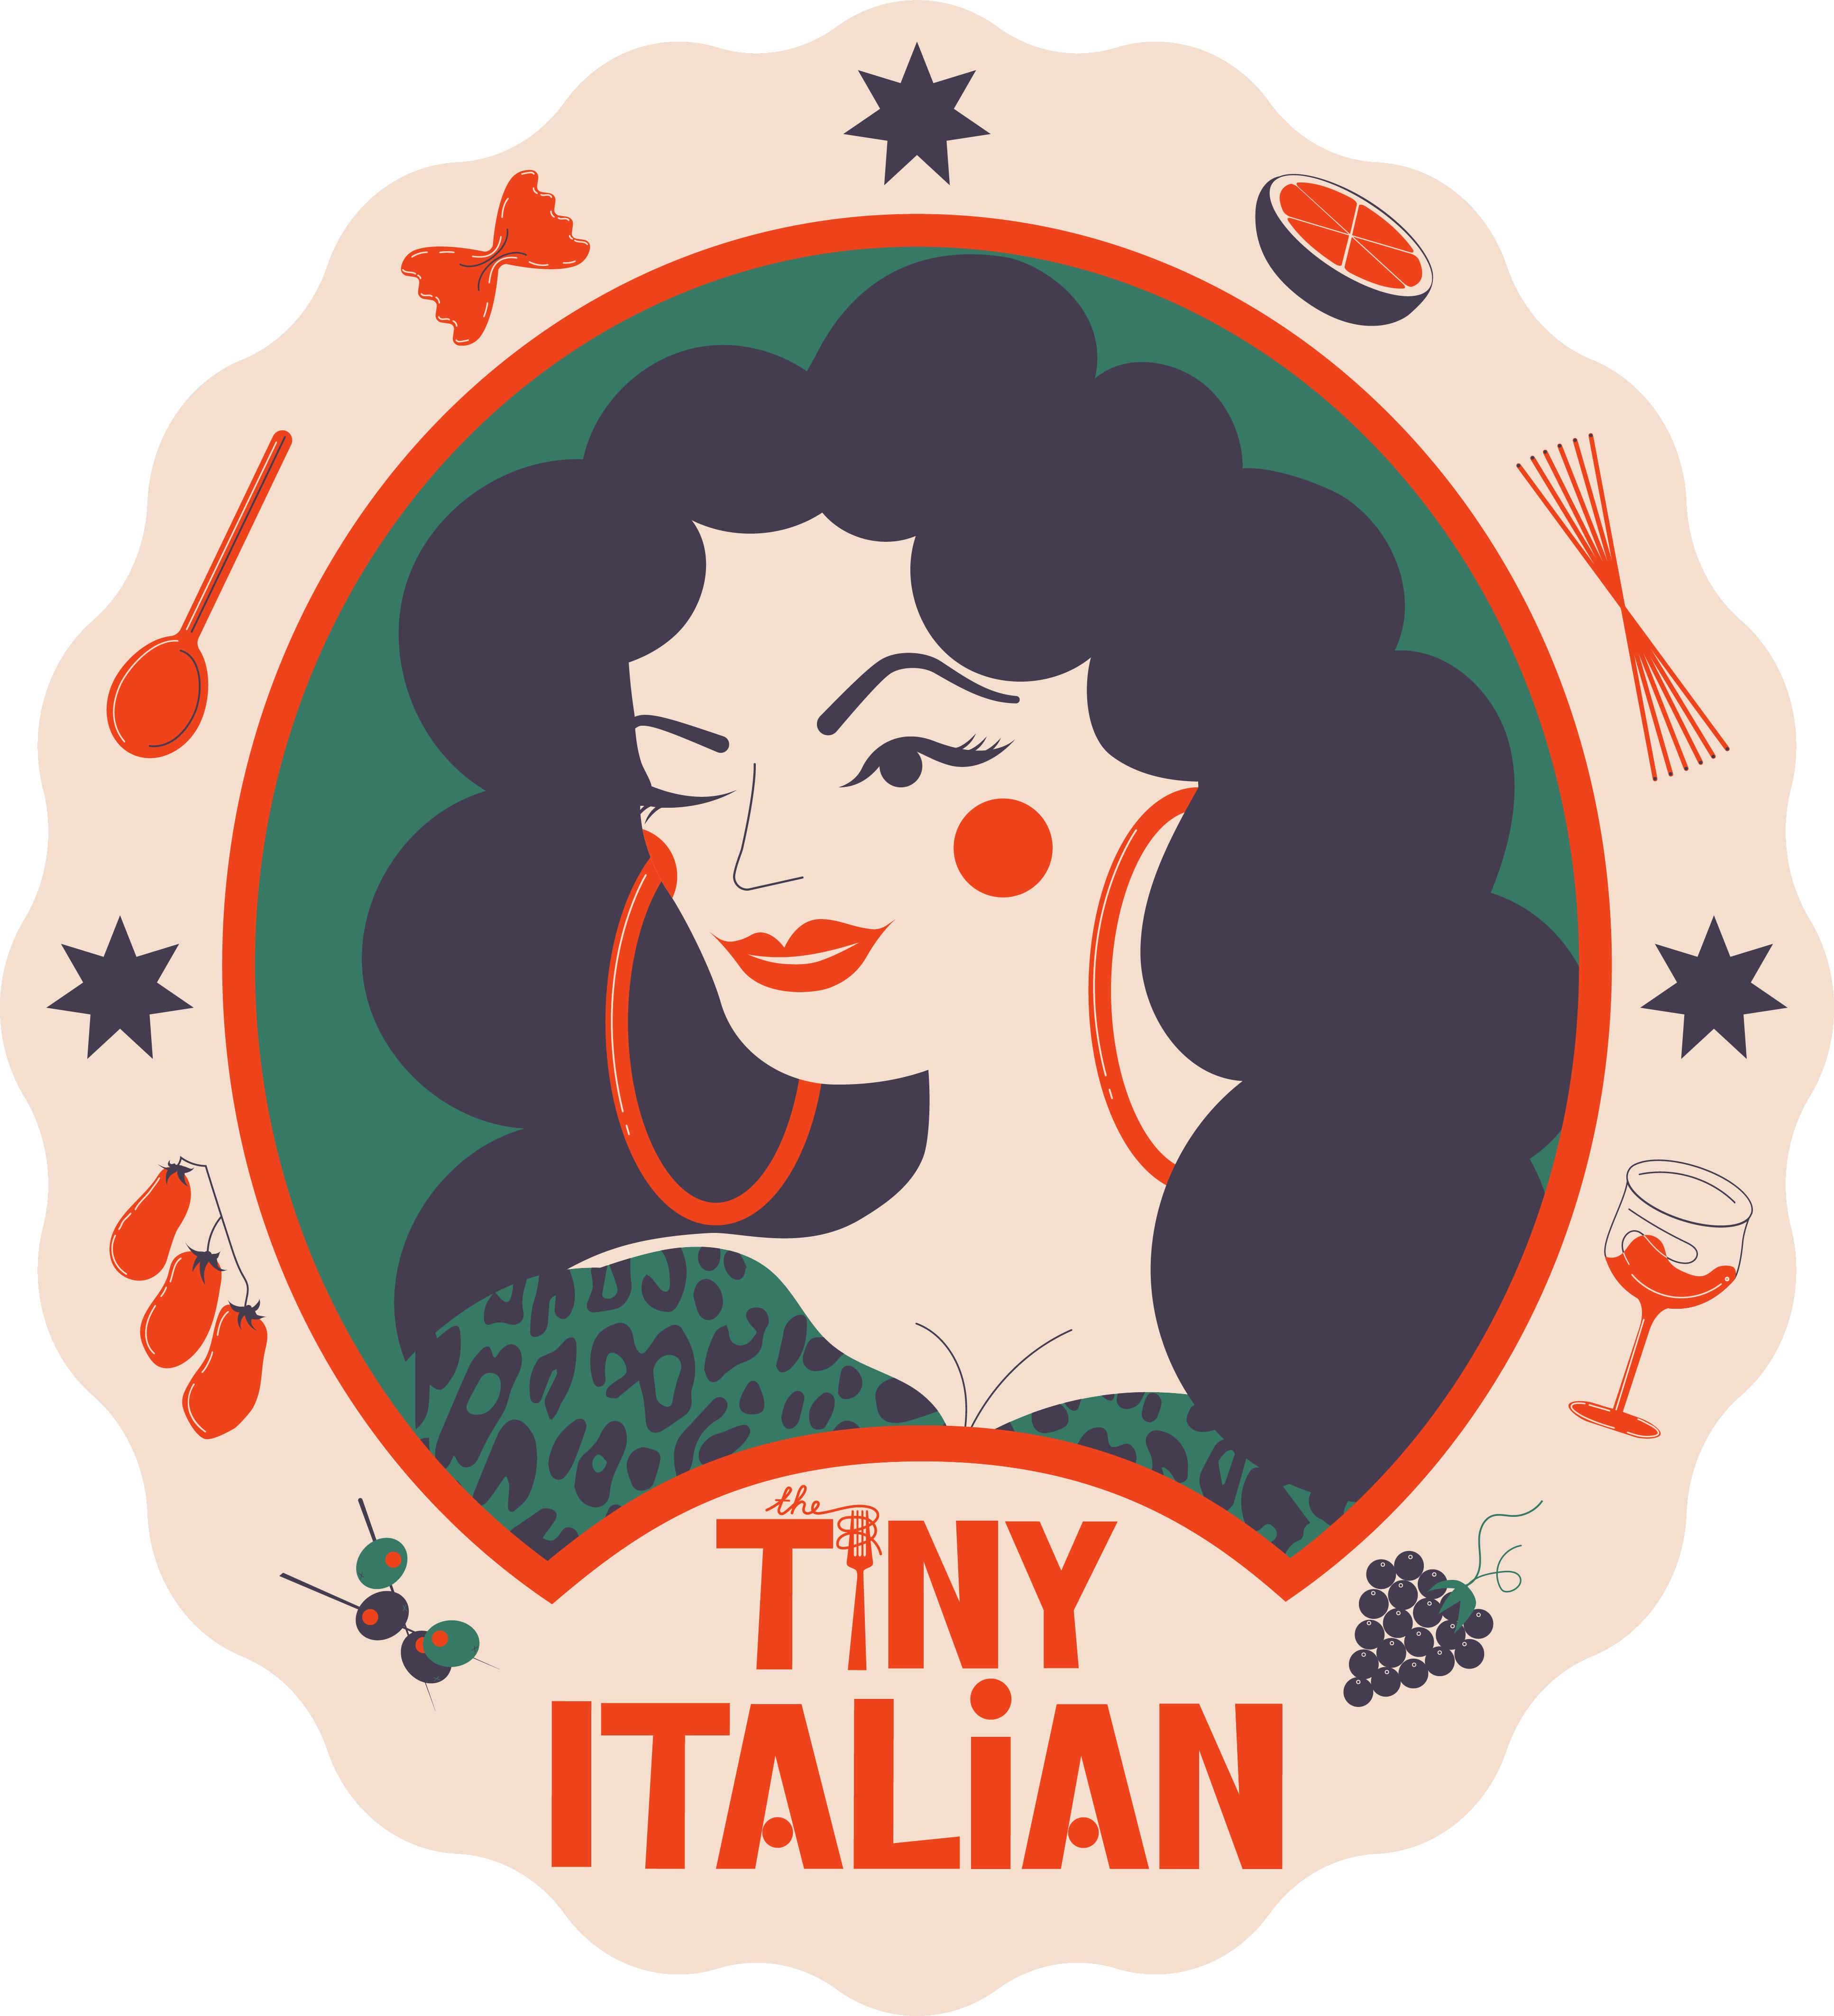 PAOLA MAGGIULLI The Tiny Italian